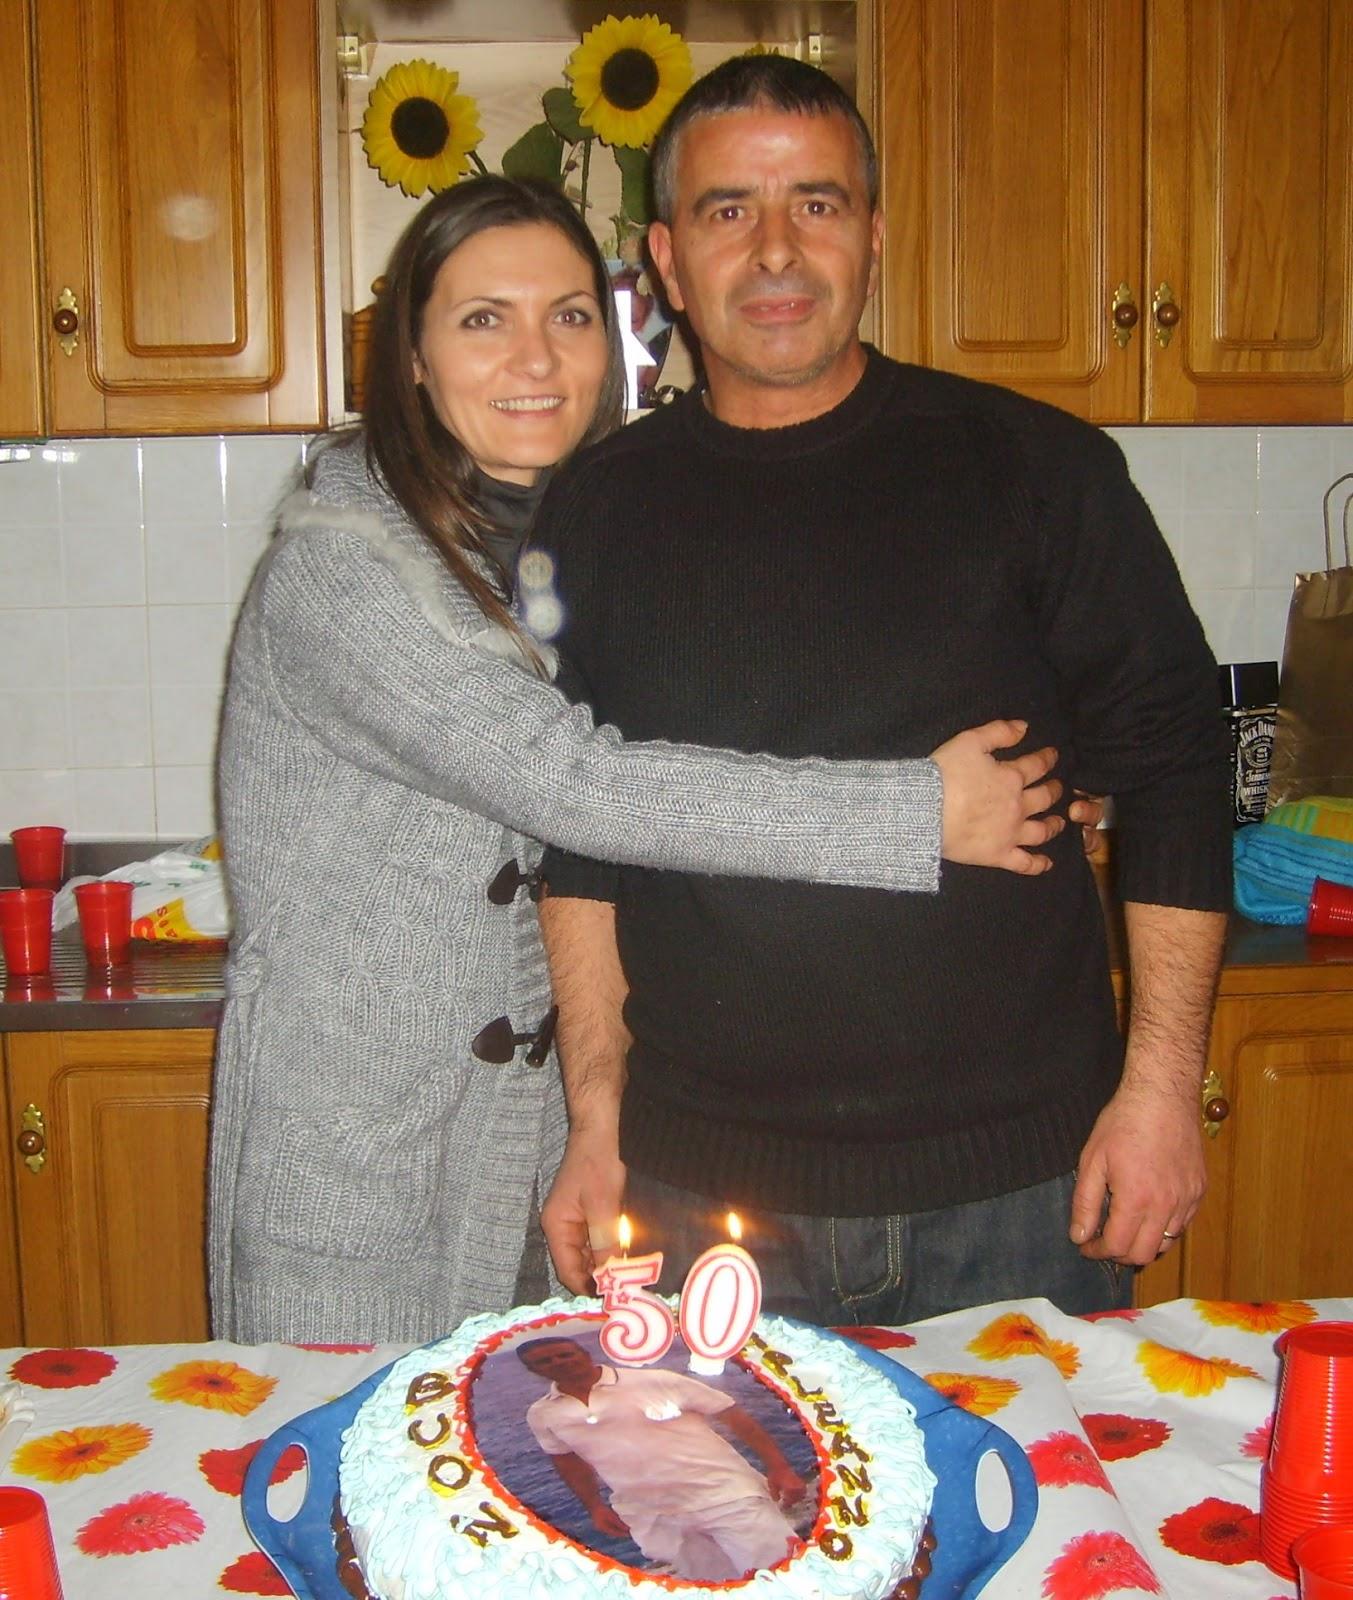 Anniversario Matrimonio Mamma E Papa.Chi Scrive Non Muore Mai Buon Anniversario Mamma E Papa